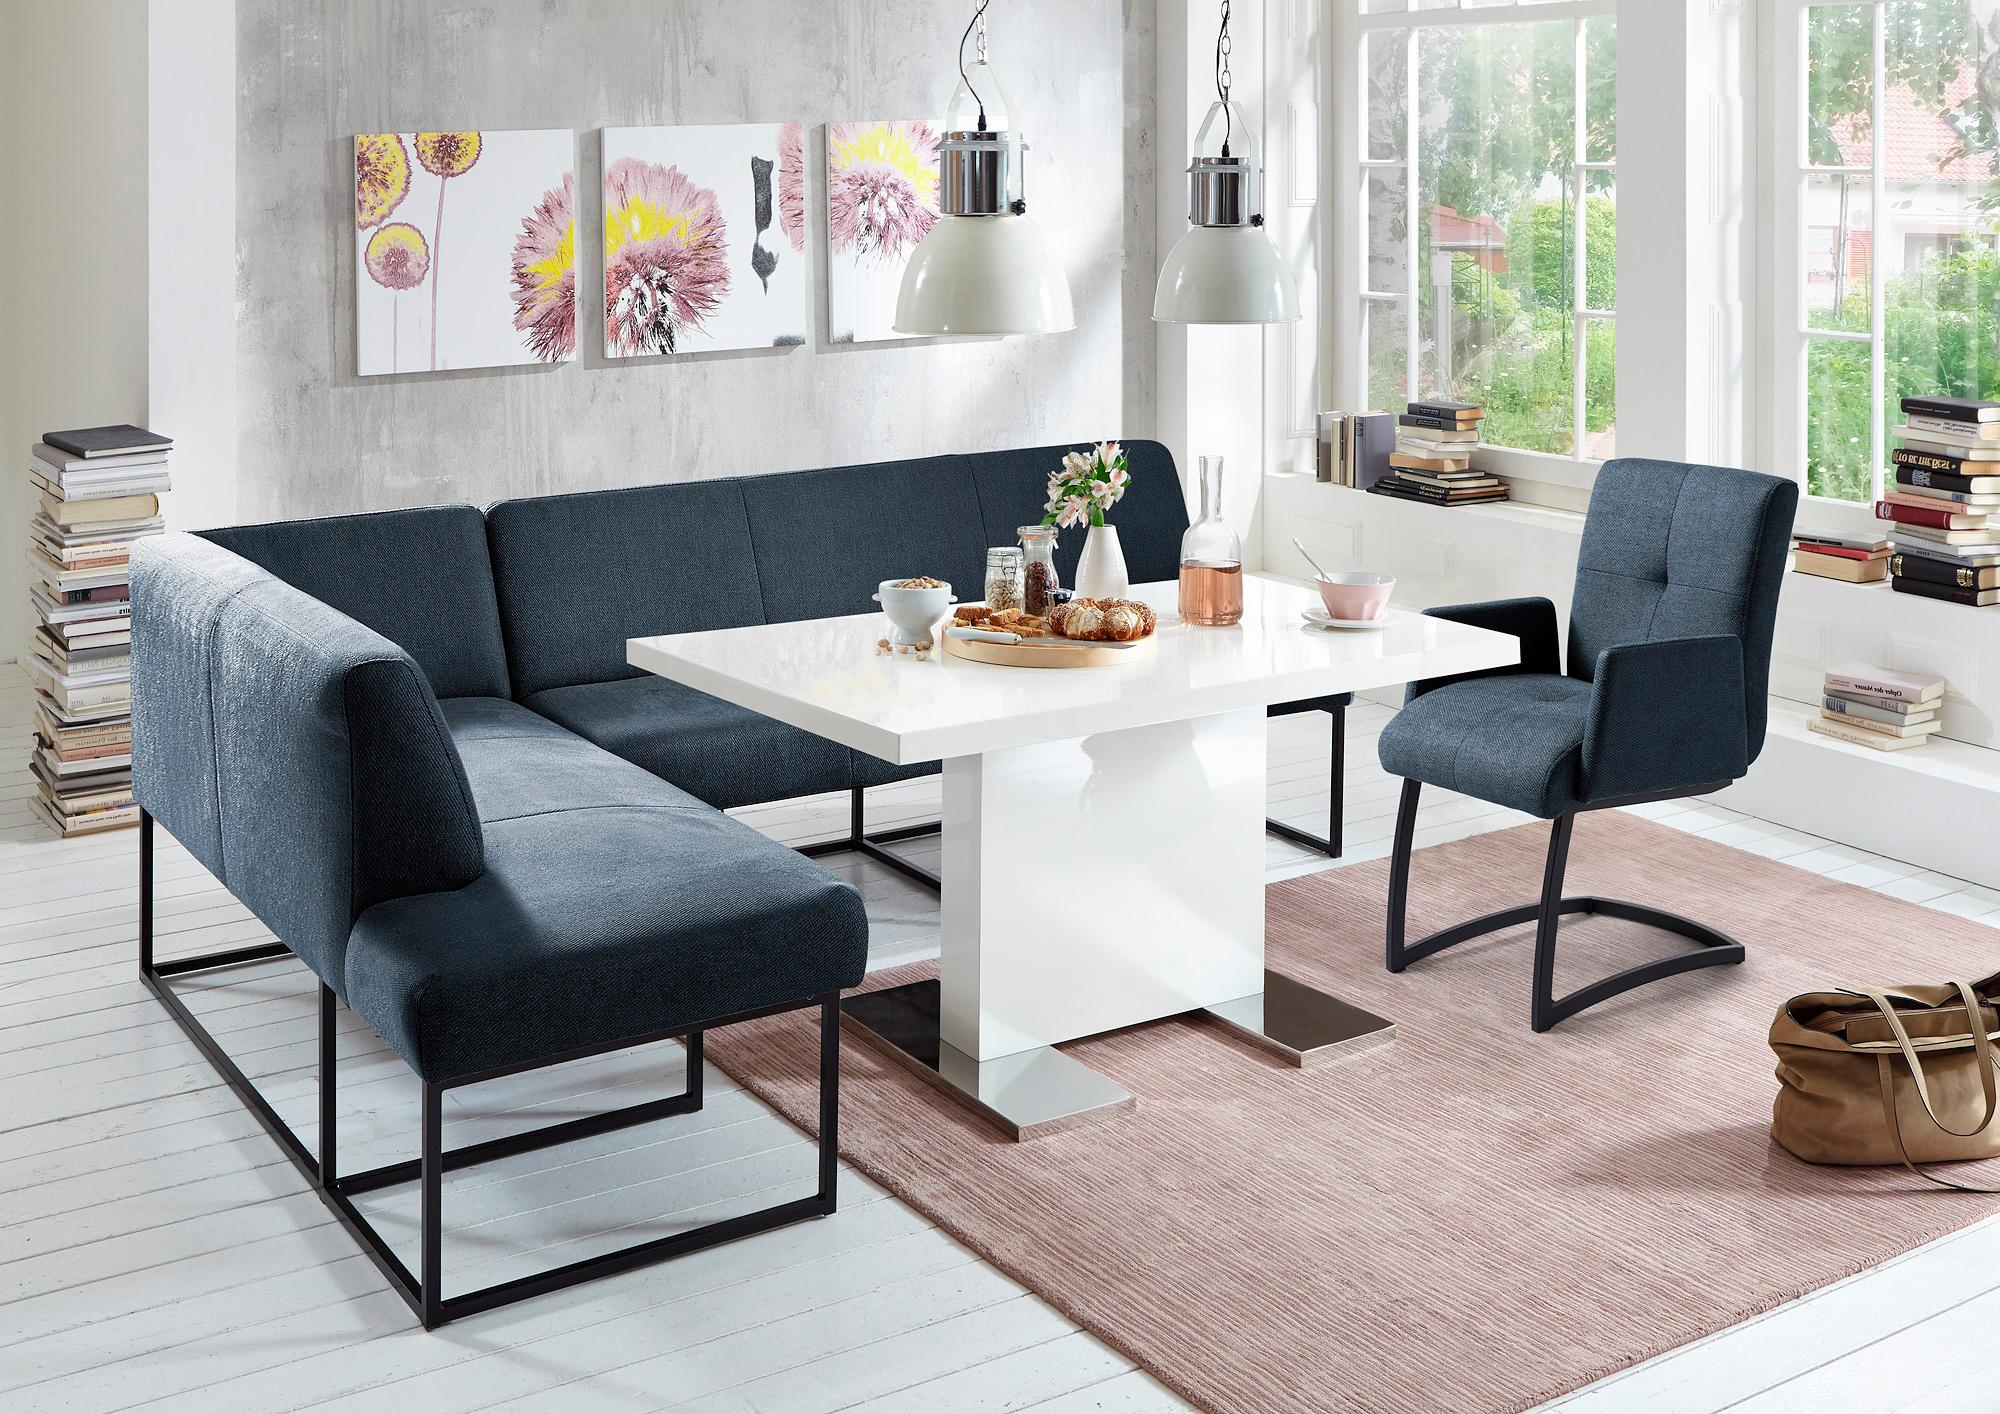 eckbank klein preise vergleichen und g nstig einkaufen bei der preis. Black Bedroom Furniture Sets. Home Design Ideas